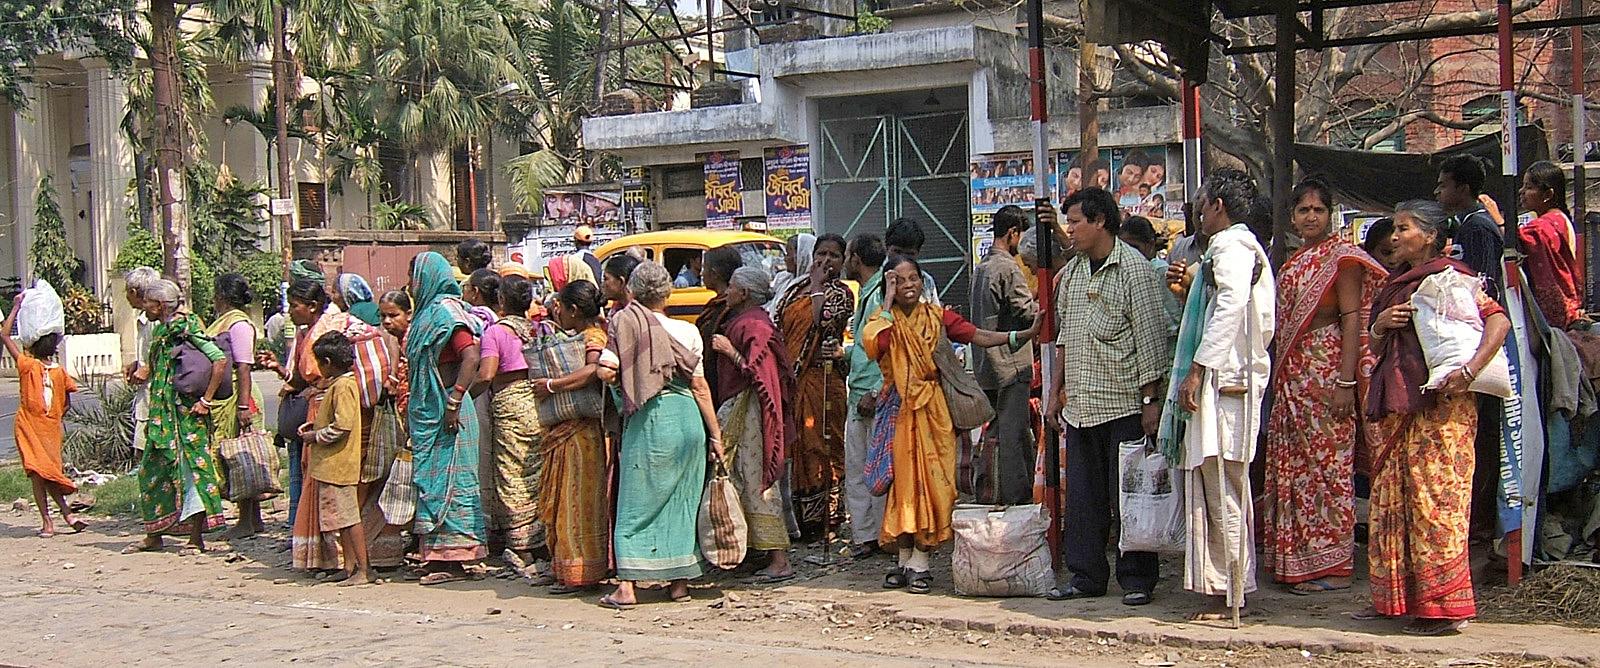 KF2 Street  HC - Bus queue - Ann